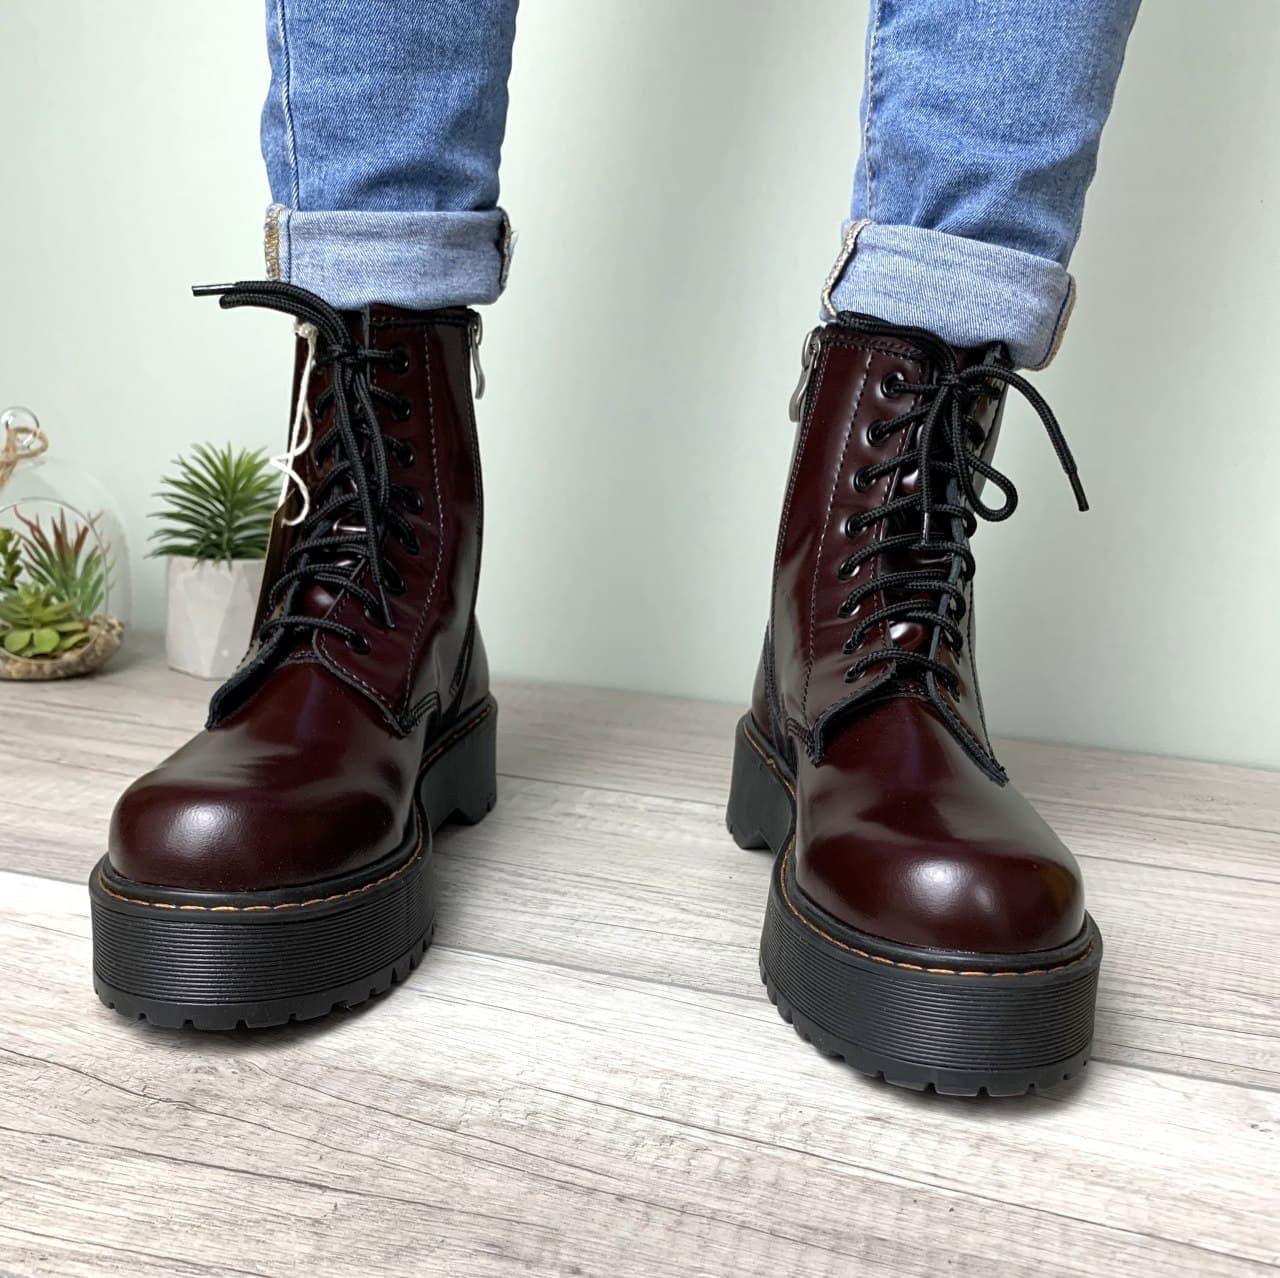 Жіночі демісезонні черевики Dr. Martens Jadon (бордові) легка стильне взуття К12329